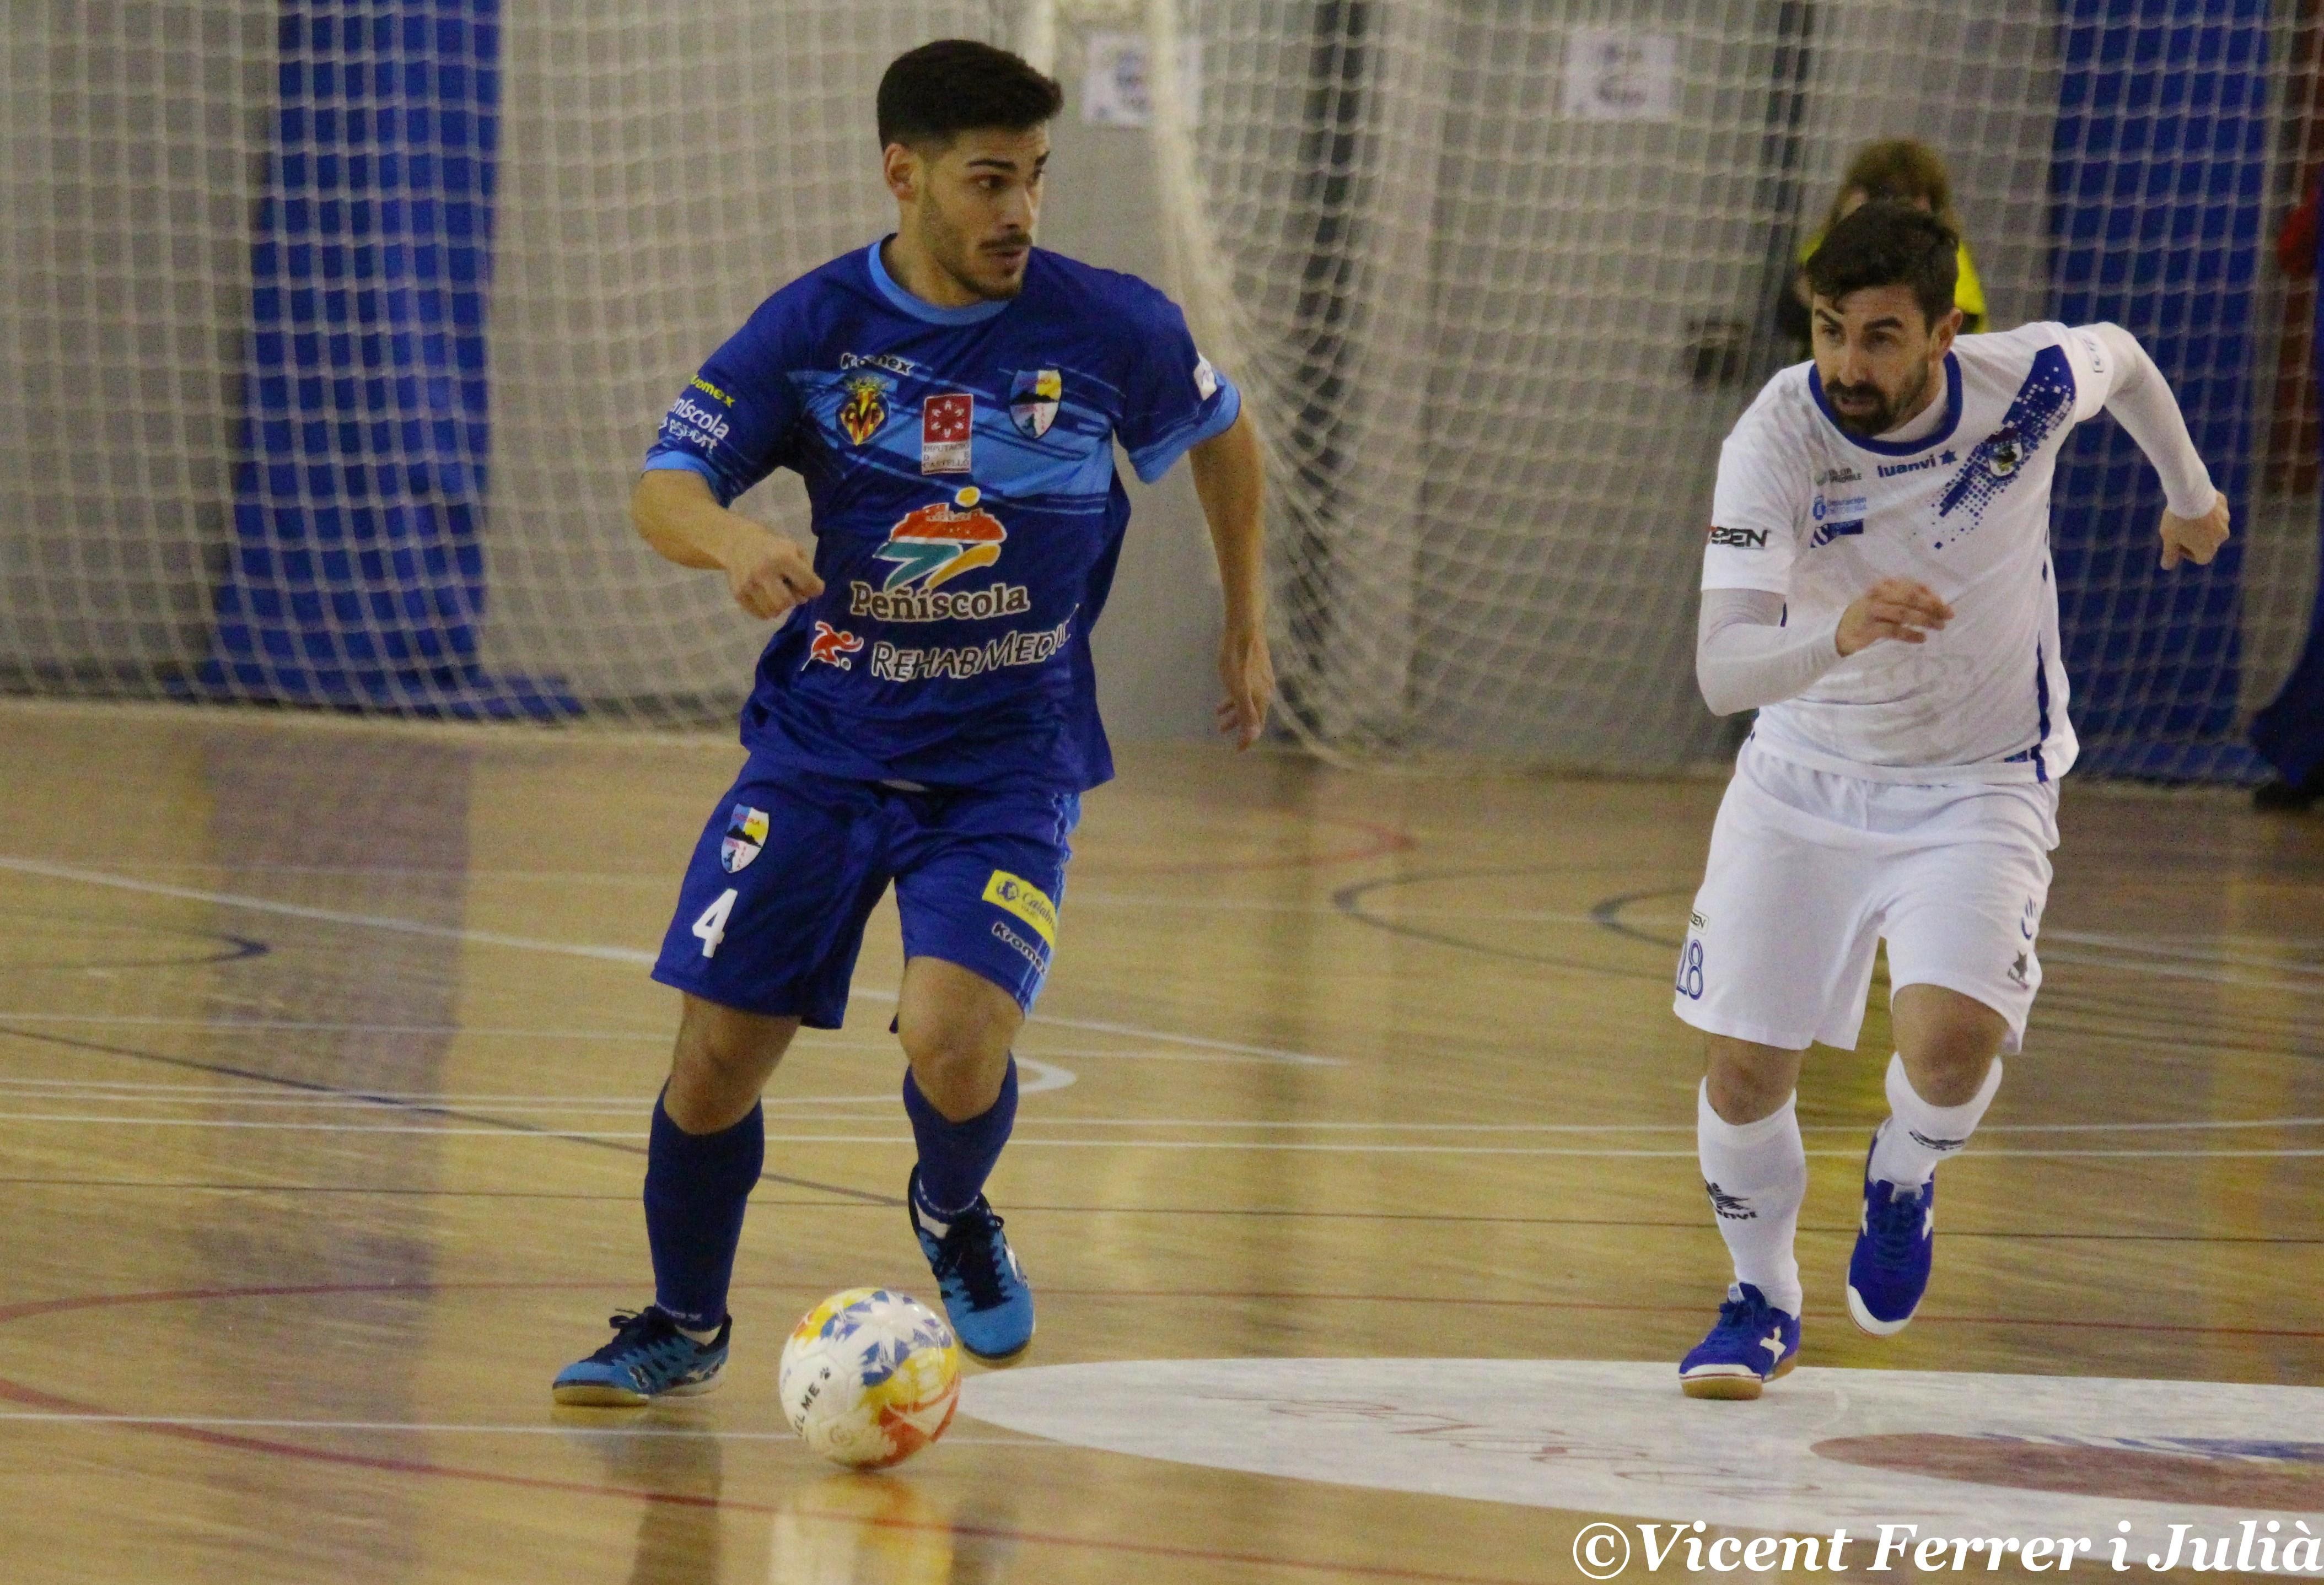 El Peníscola RehabMedic deixa perdre un avantatge de tres gols i empata davant del O Parrulo Ferrol